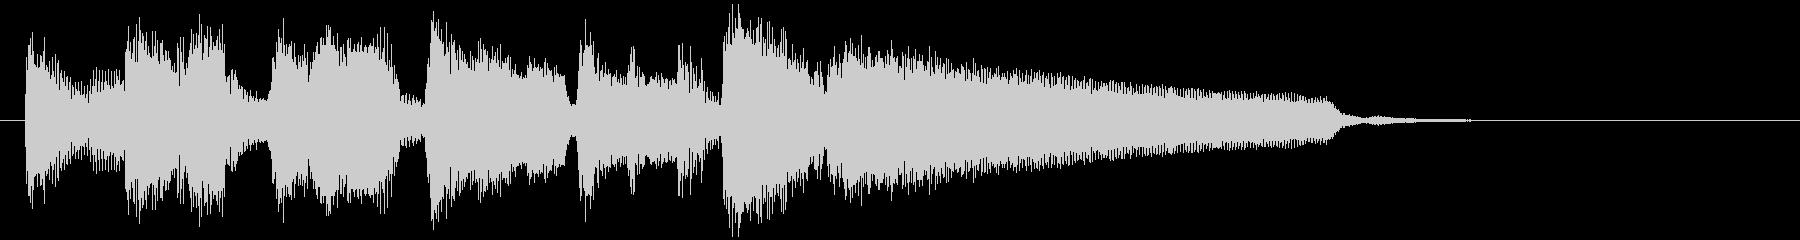 ボサノバのアイキャッチ、サックス生演奏の未再生の波形